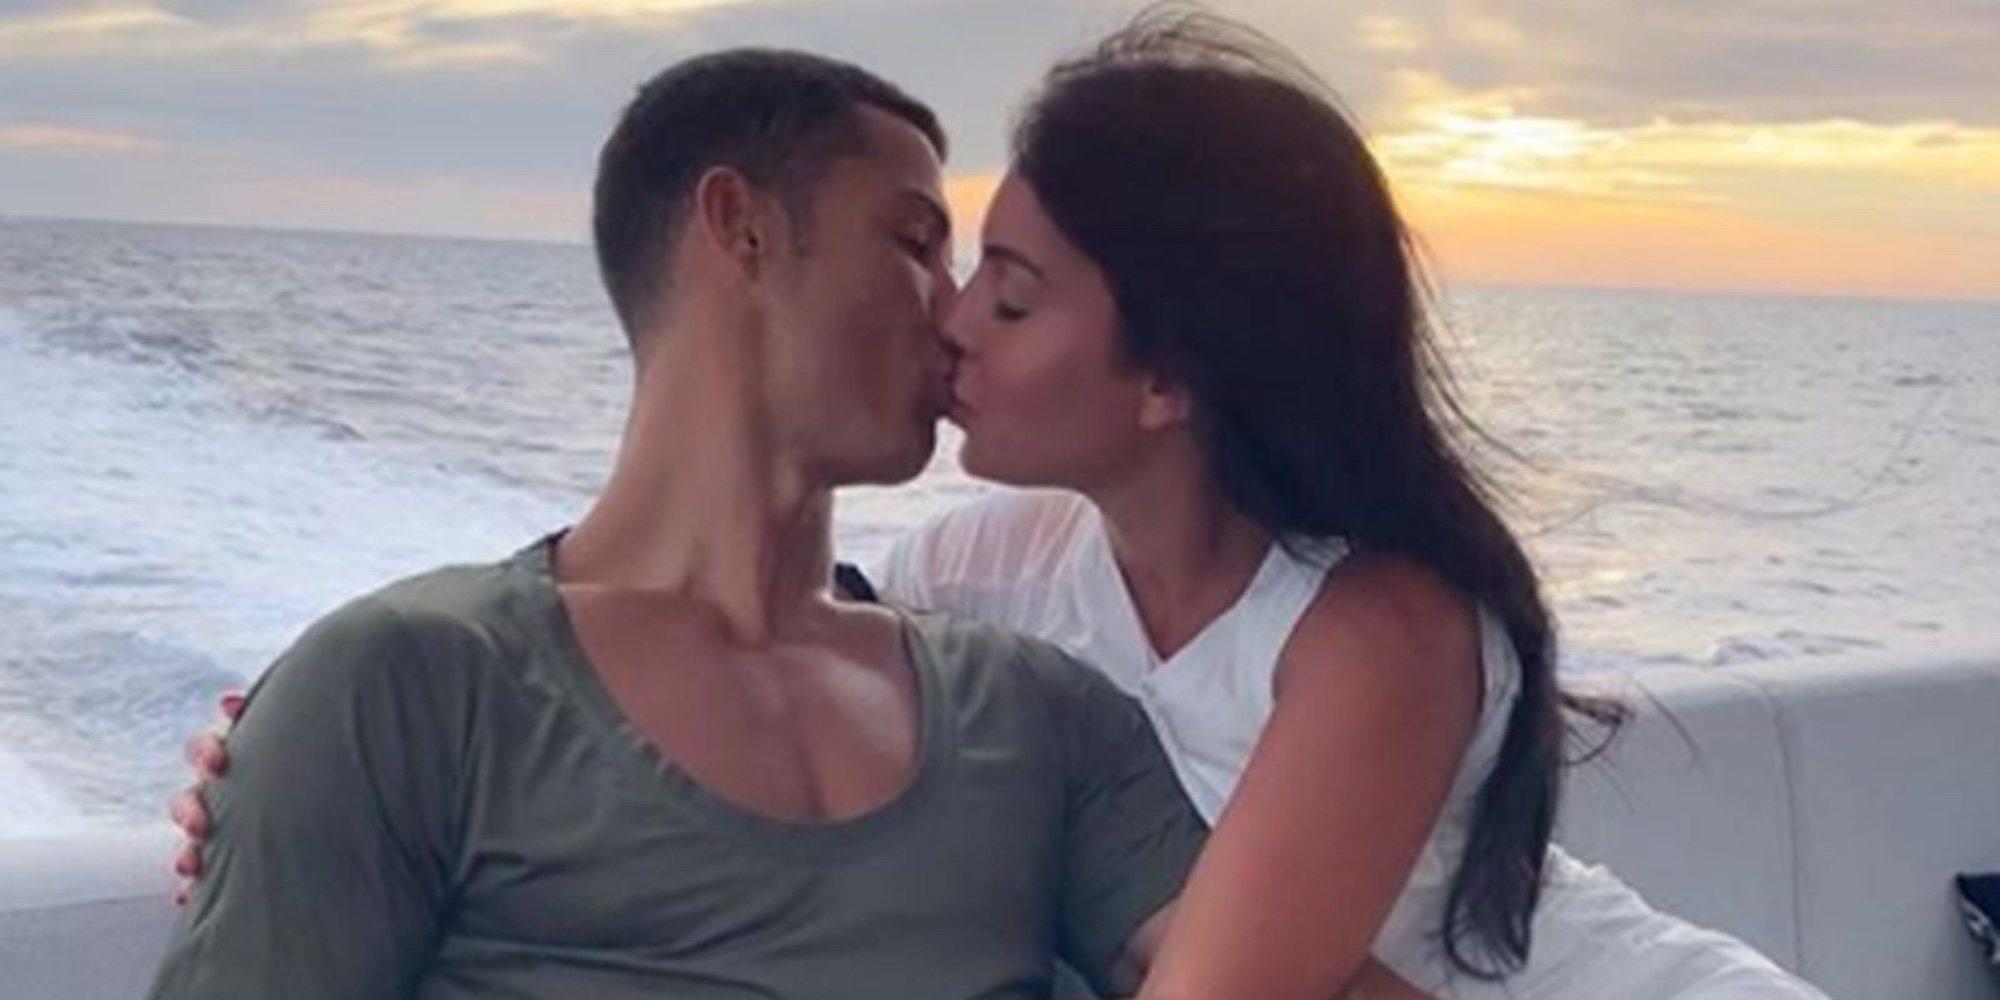 Un amigo íntimo de Georgina Rodríguez desmiente que se vaya a casar con Cristiano Ronaldo